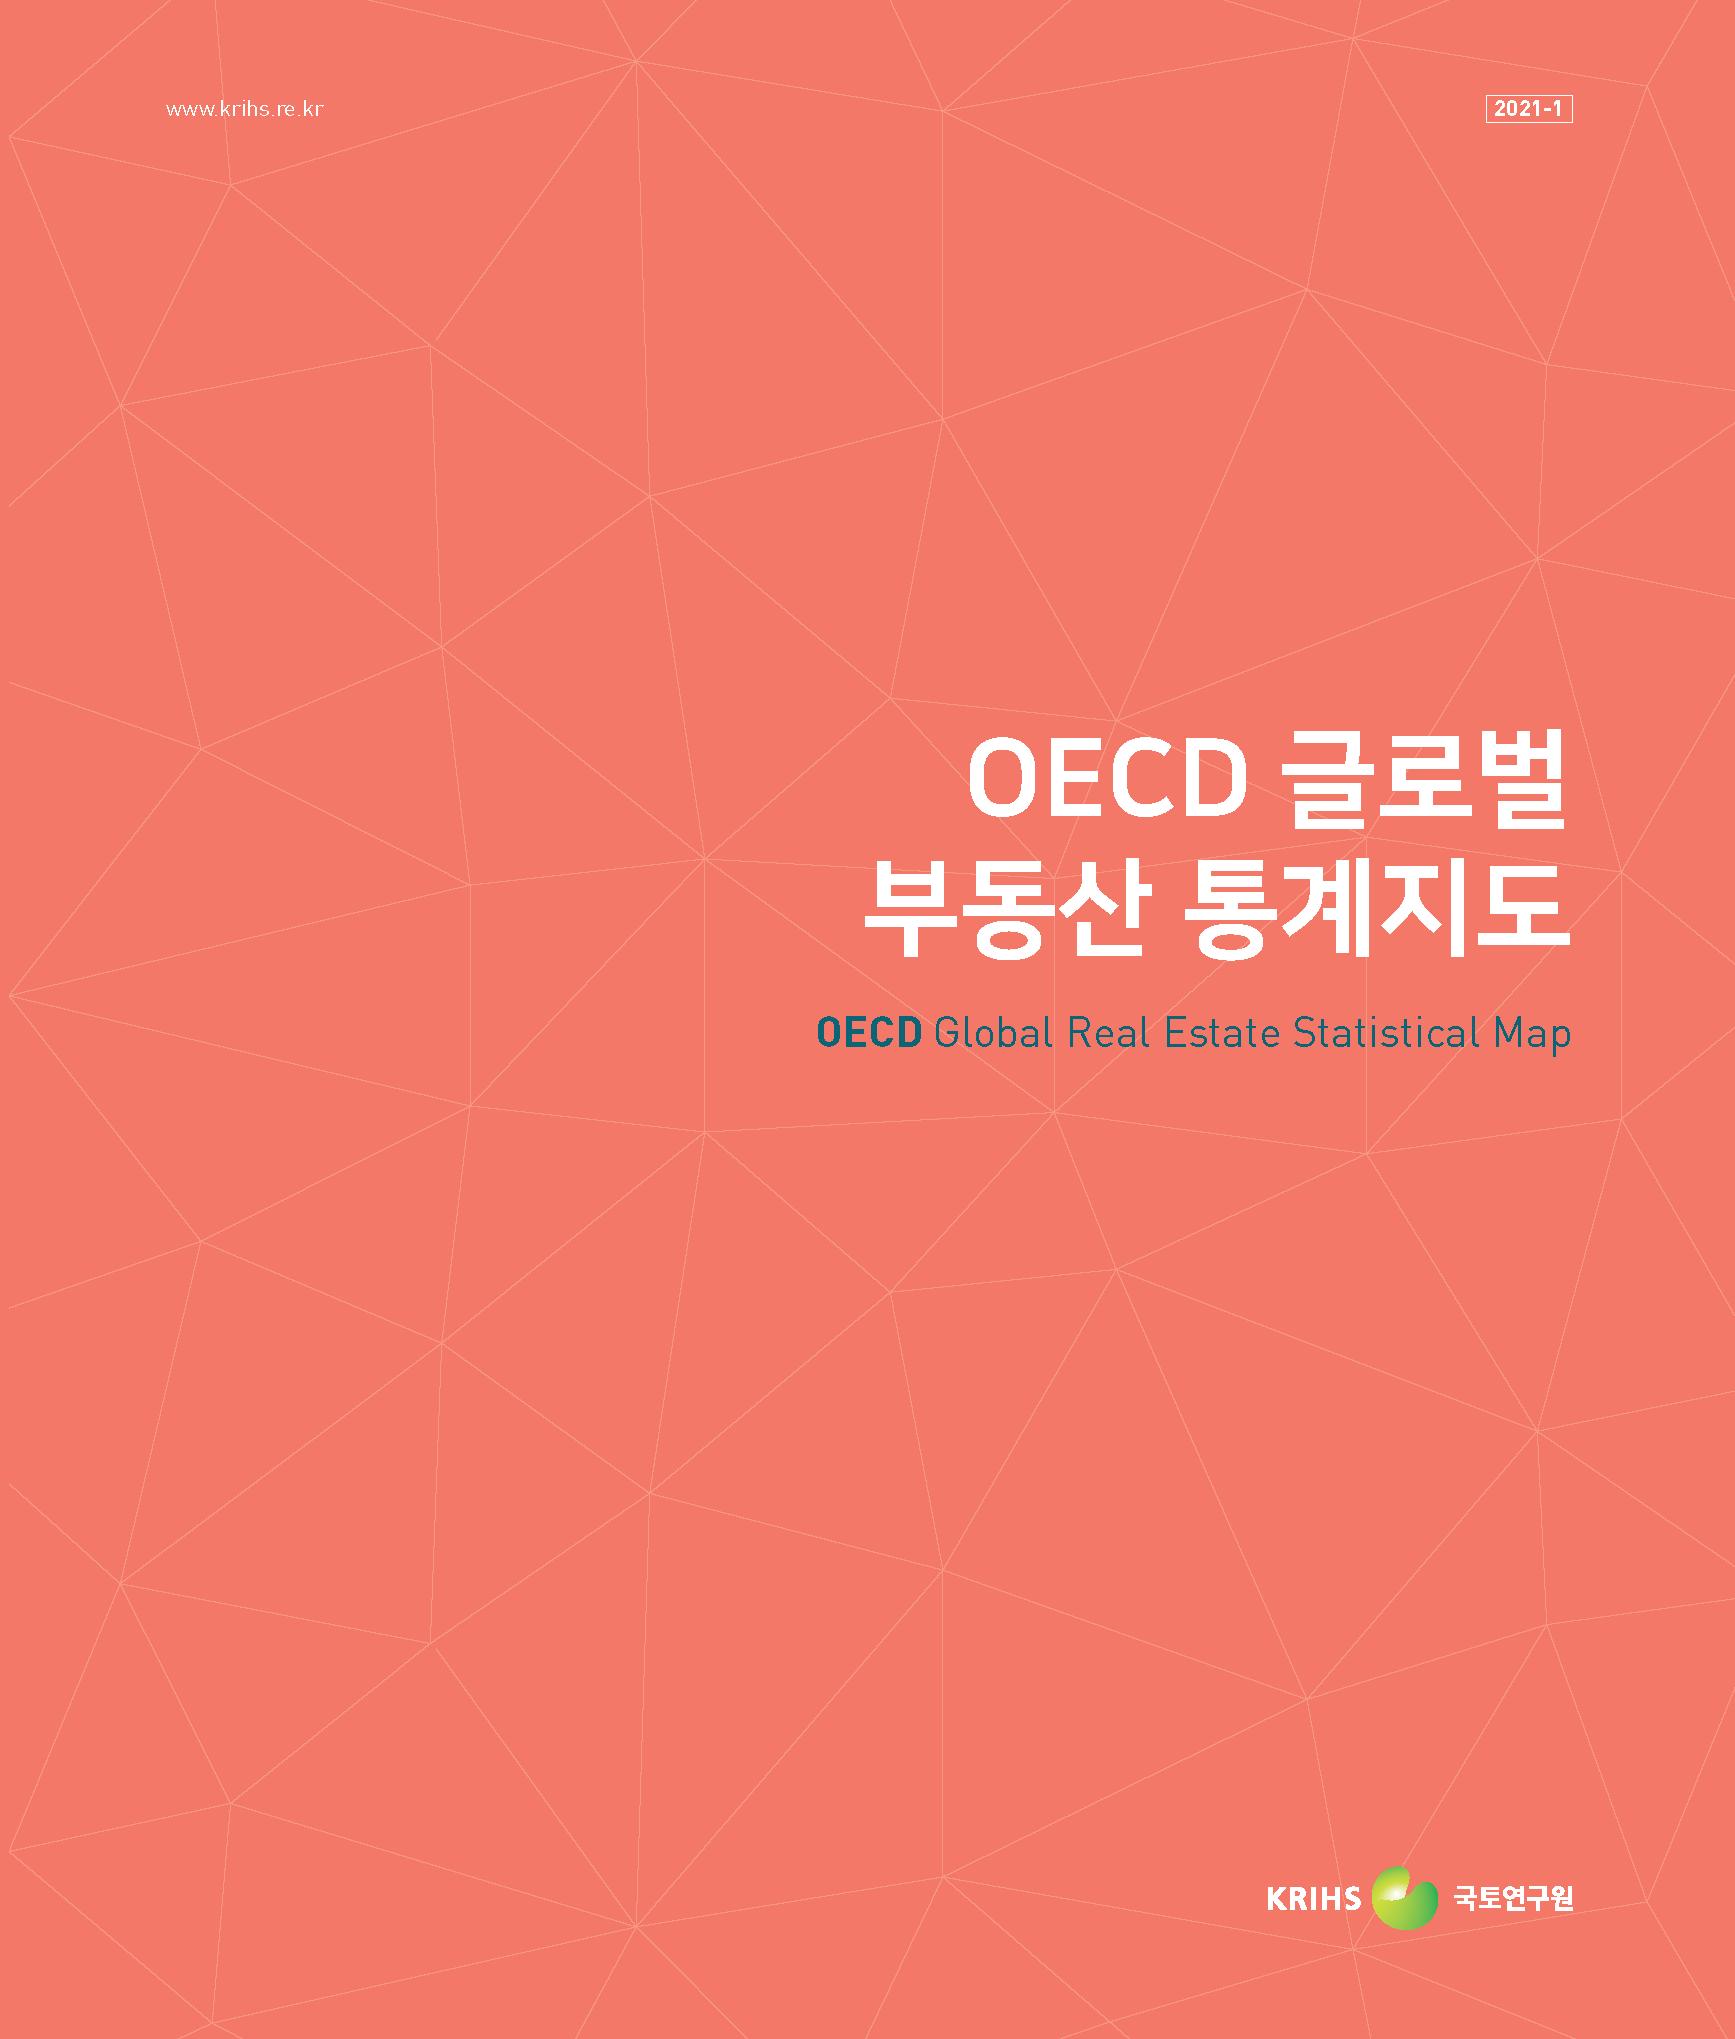 [2021-1] OECD 글로벌 부동산 통계지도(OECD Global Real Estate Statistical Map)표지